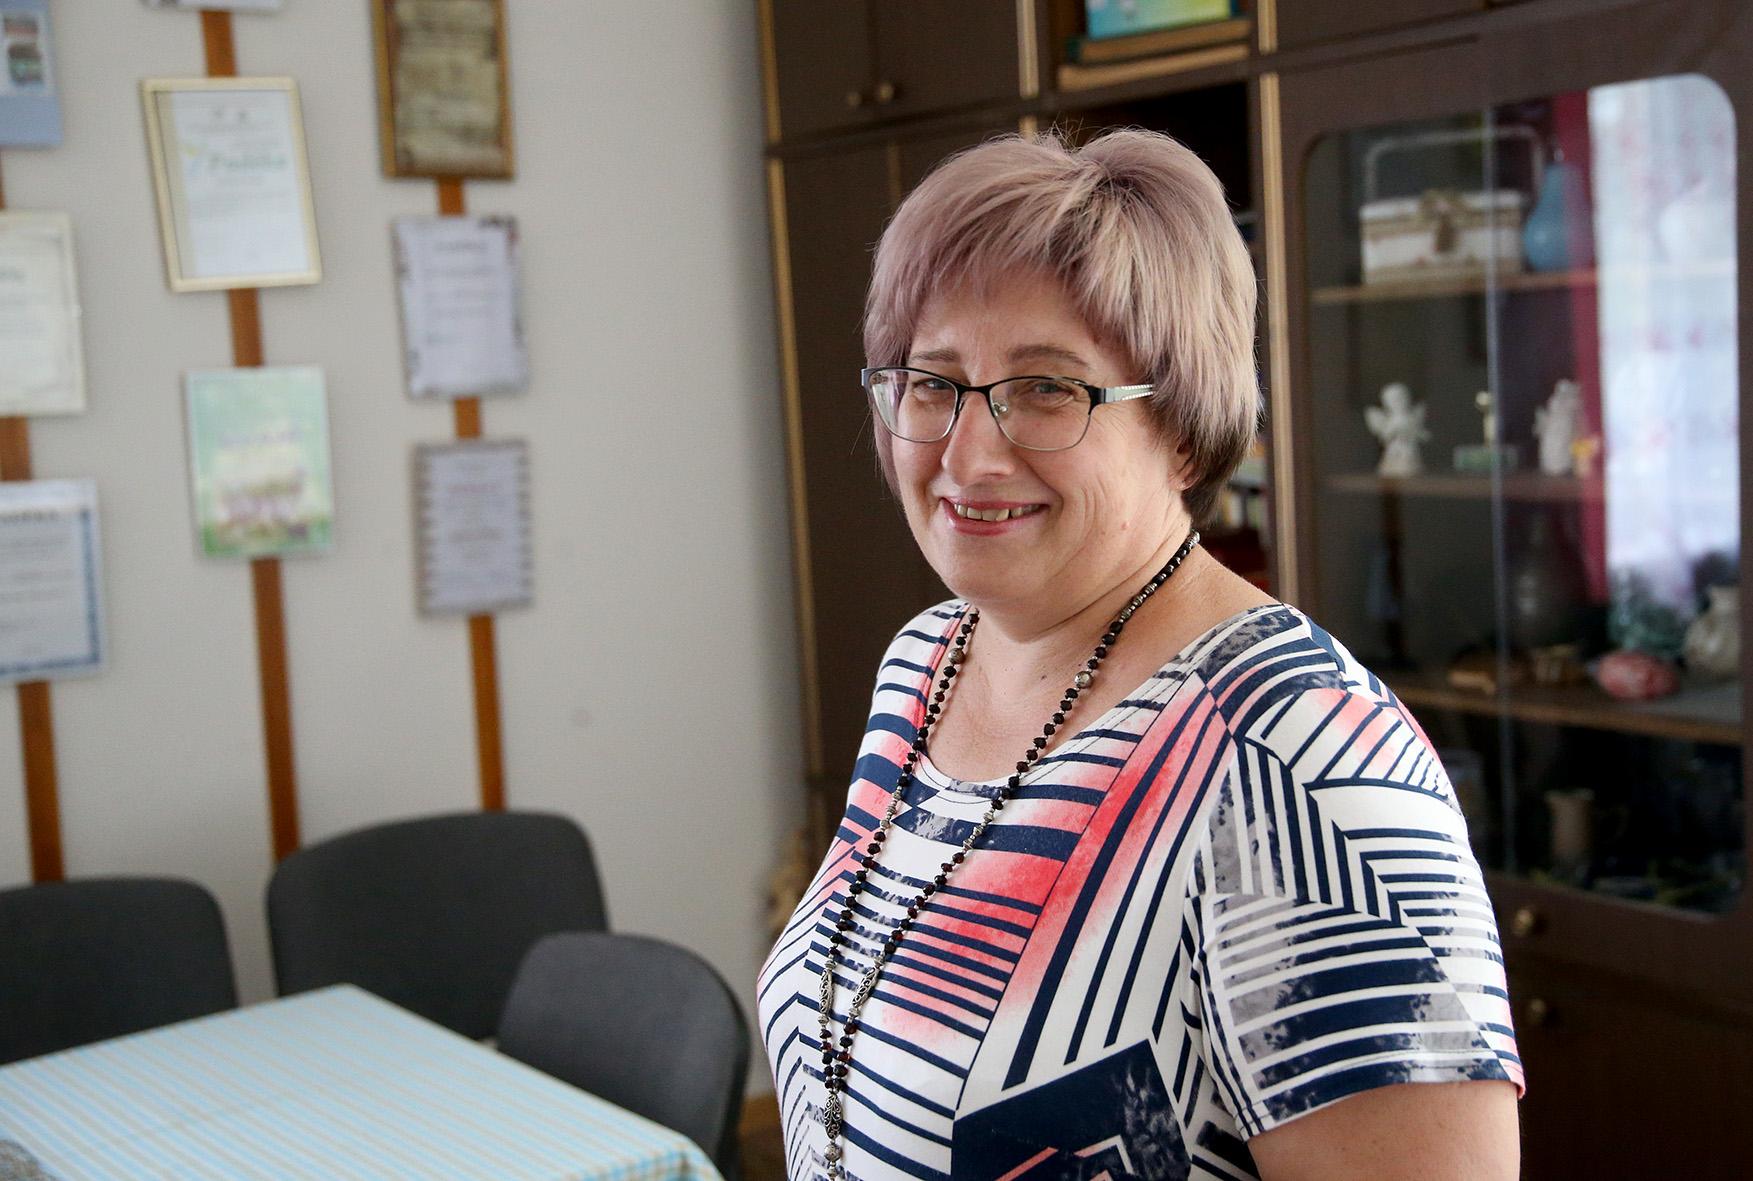 Jolantos Vasilienės nuomone, dabar Lančiūnava ir jos gyventojai labiausiai džiaugiasi metai iš metų puoselėjamomis tradicijomis bei kasmet bendruomenės iniciatyva rengiamais projektais. Algimanto Barzdžiaus nuotr.